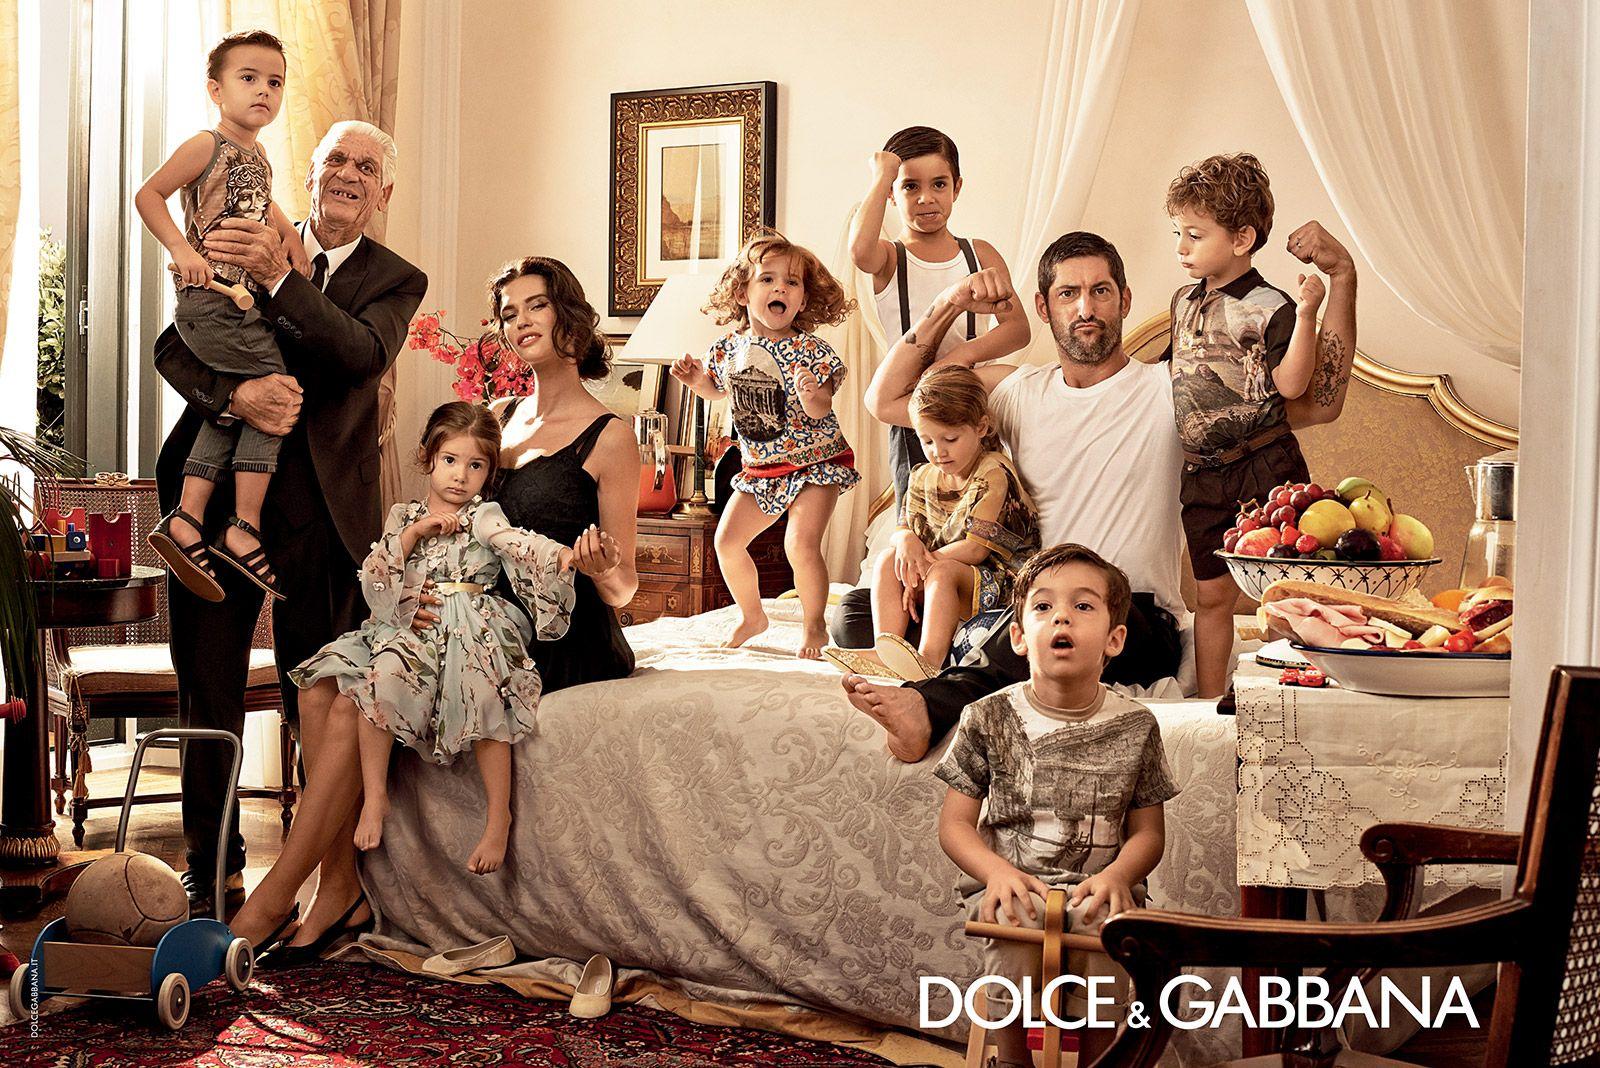 Familie in der Fashion Anzeige